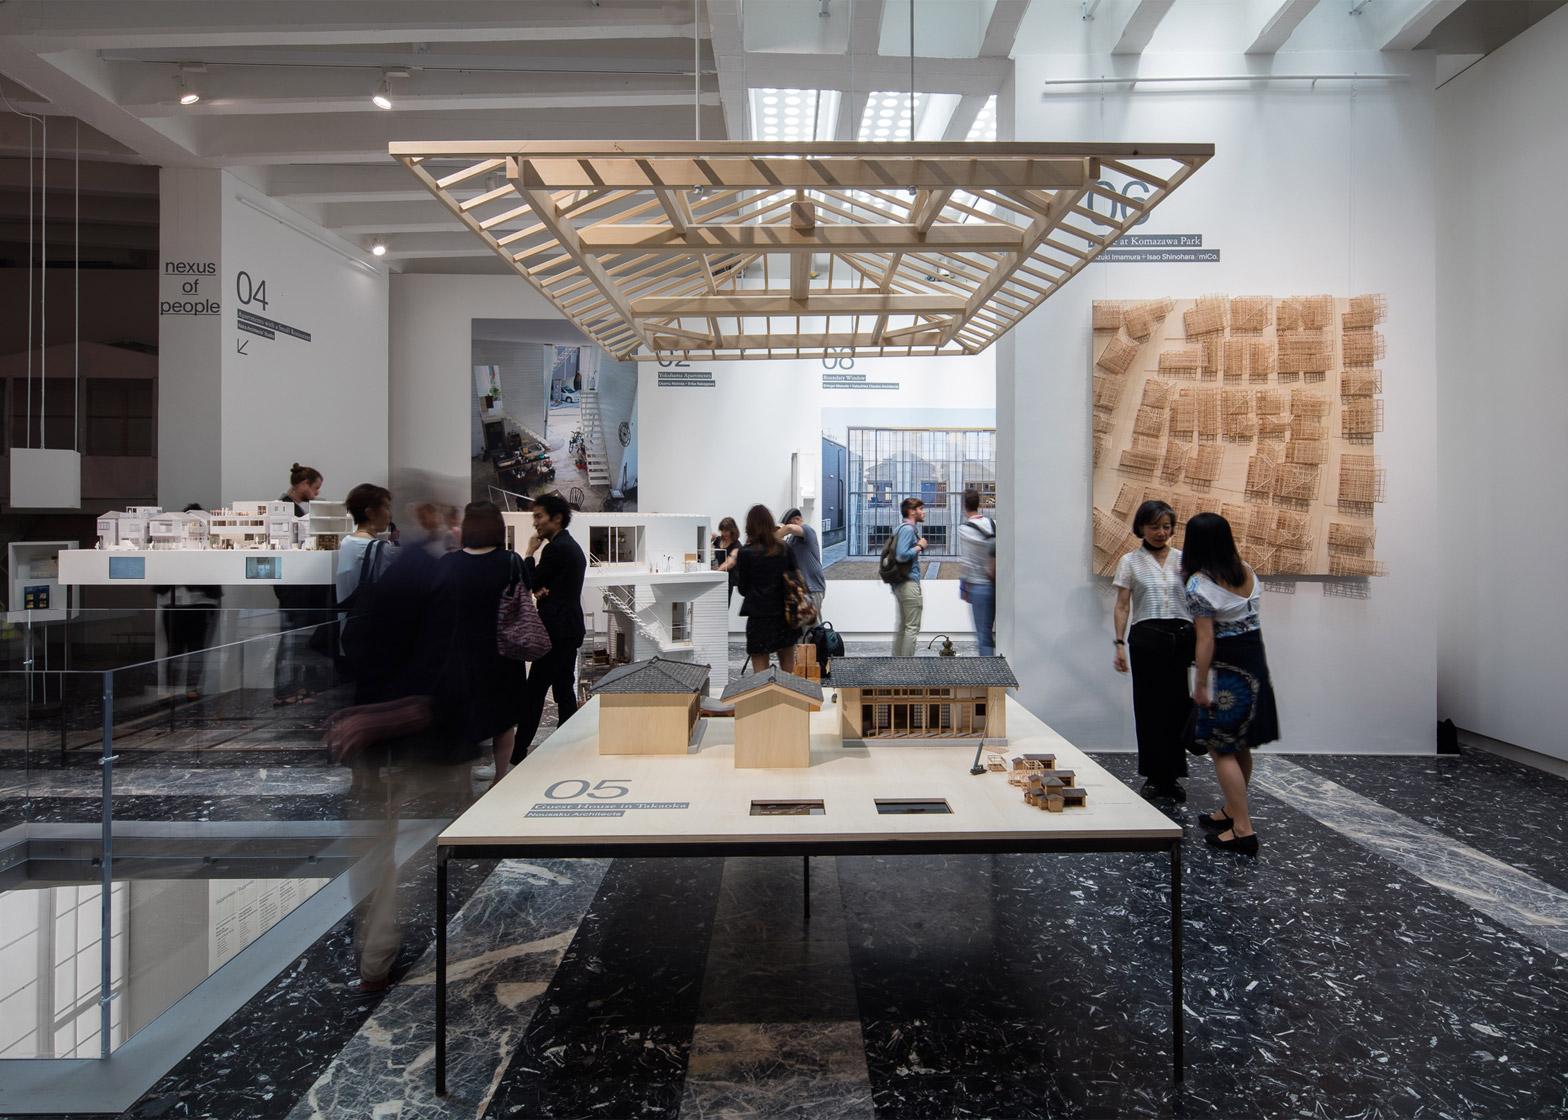 ... Japan Pavilion At The Venice Architecture Biennale 2016